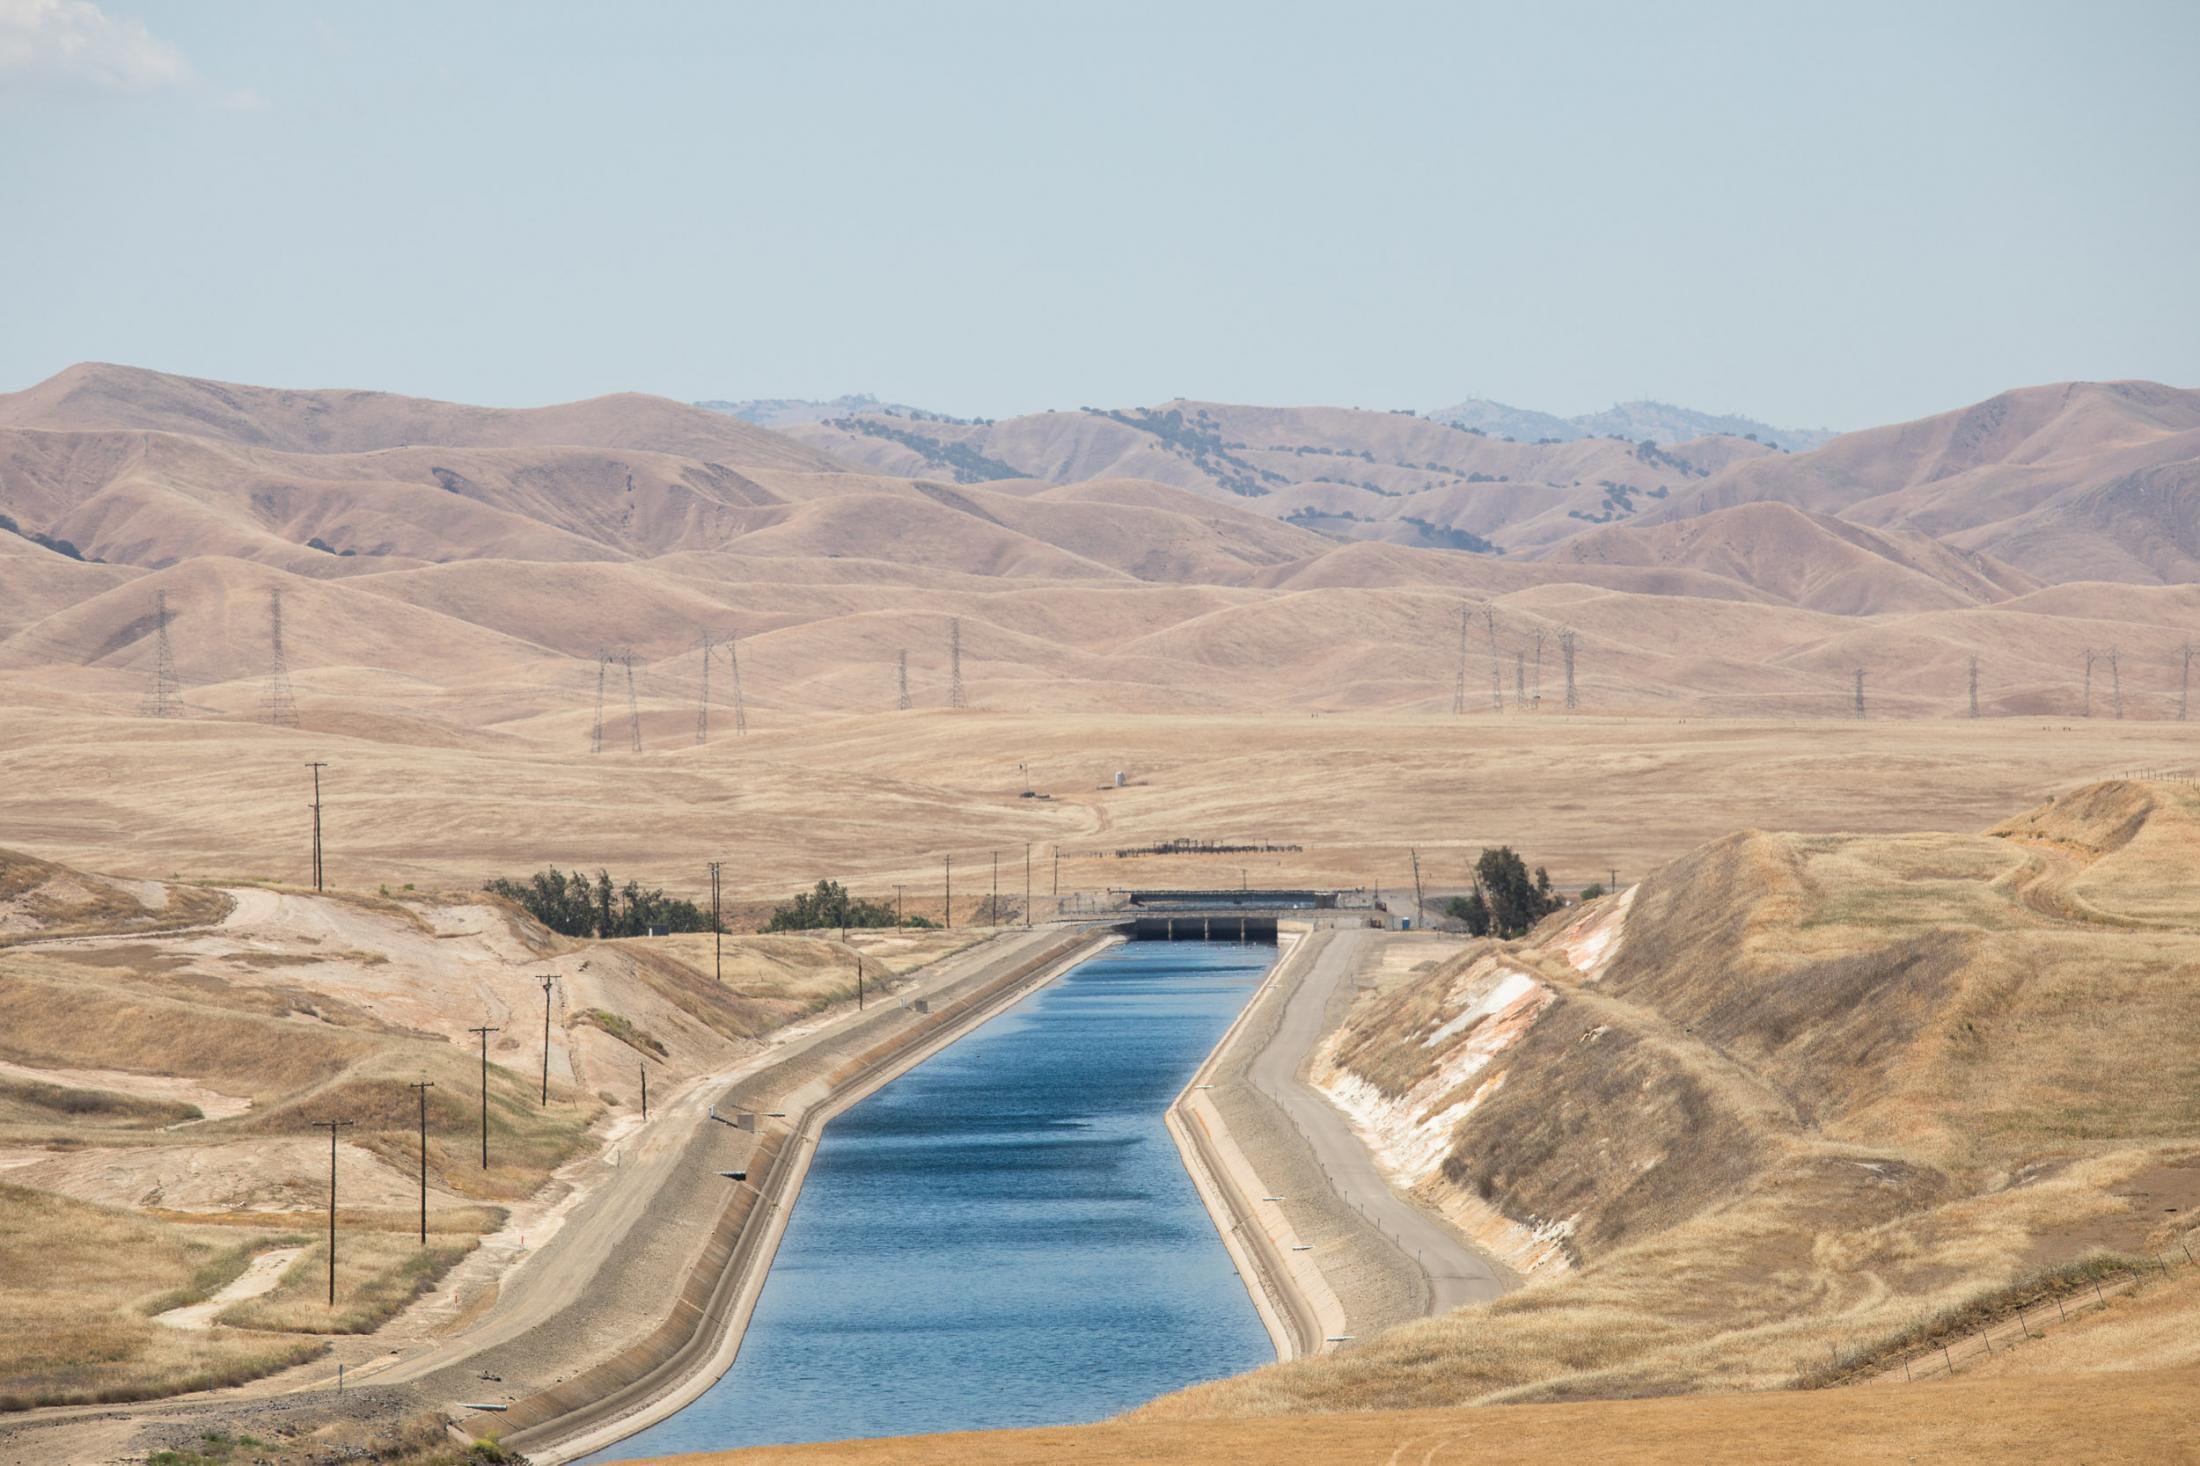 13. The California aqueduct. May 2018